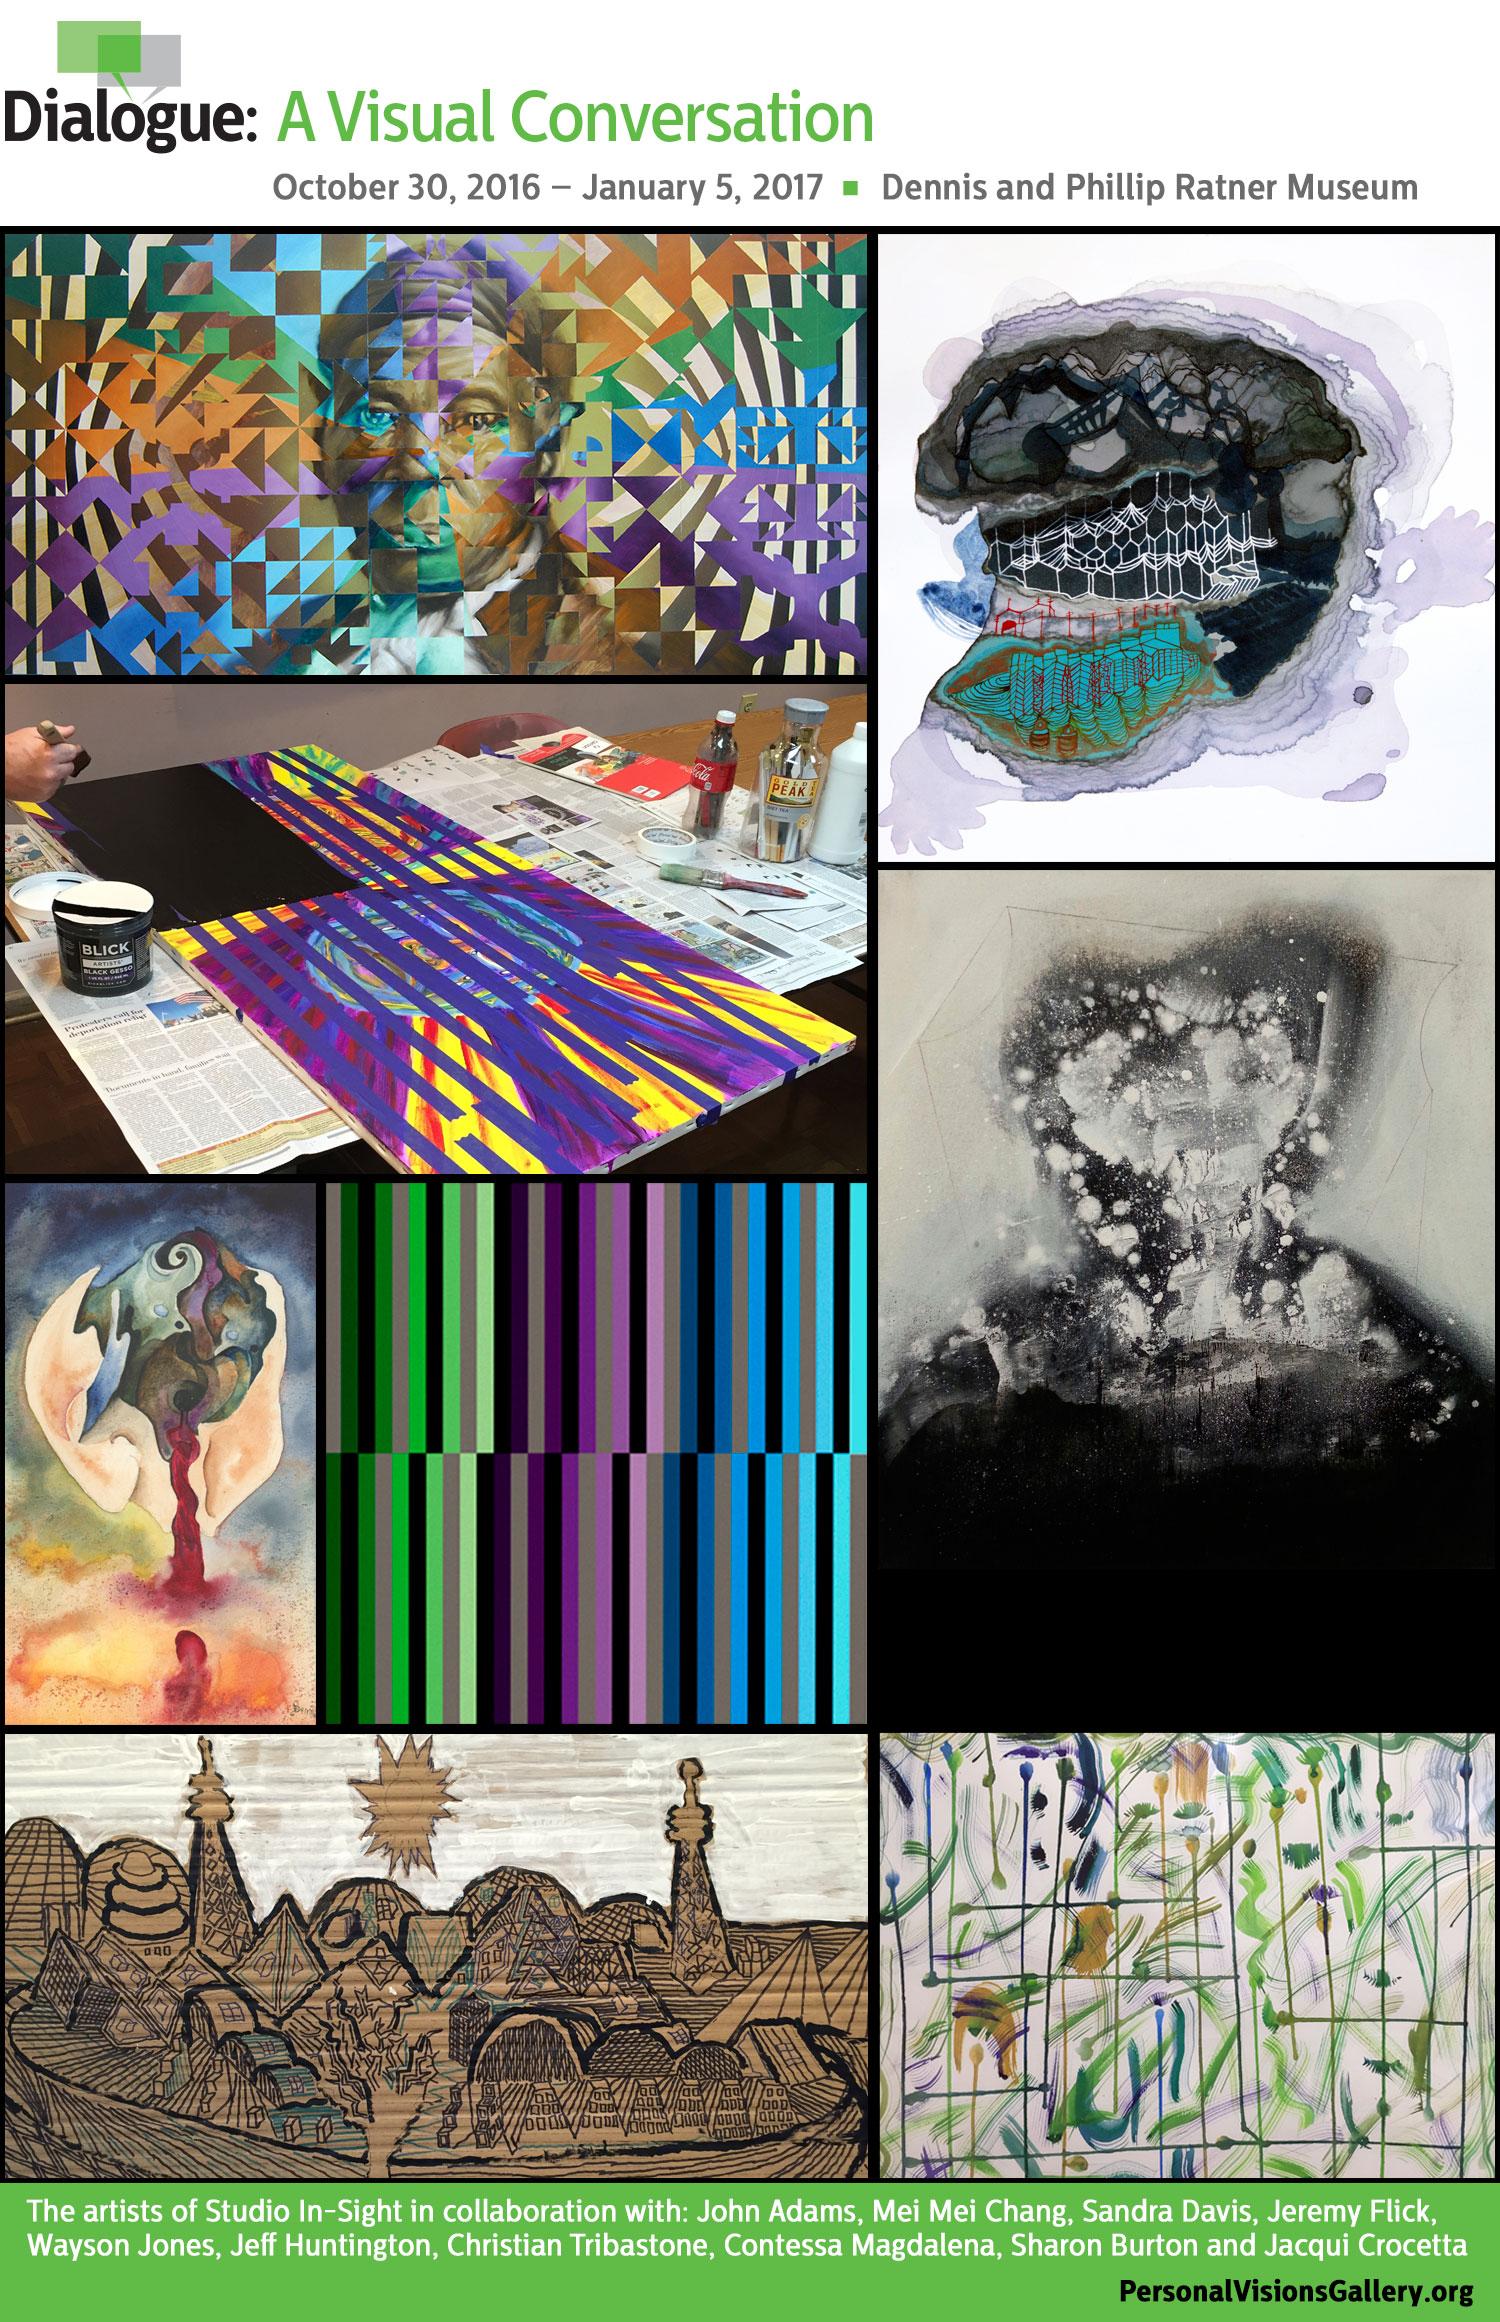 Clockwise, from top left: works by Jeff Huntington, Mei Mei Chang, Wayson Jones, Jay Armstrong, Paul Spratlin, Dan Ellis, Jeremy Flick and Mack James.